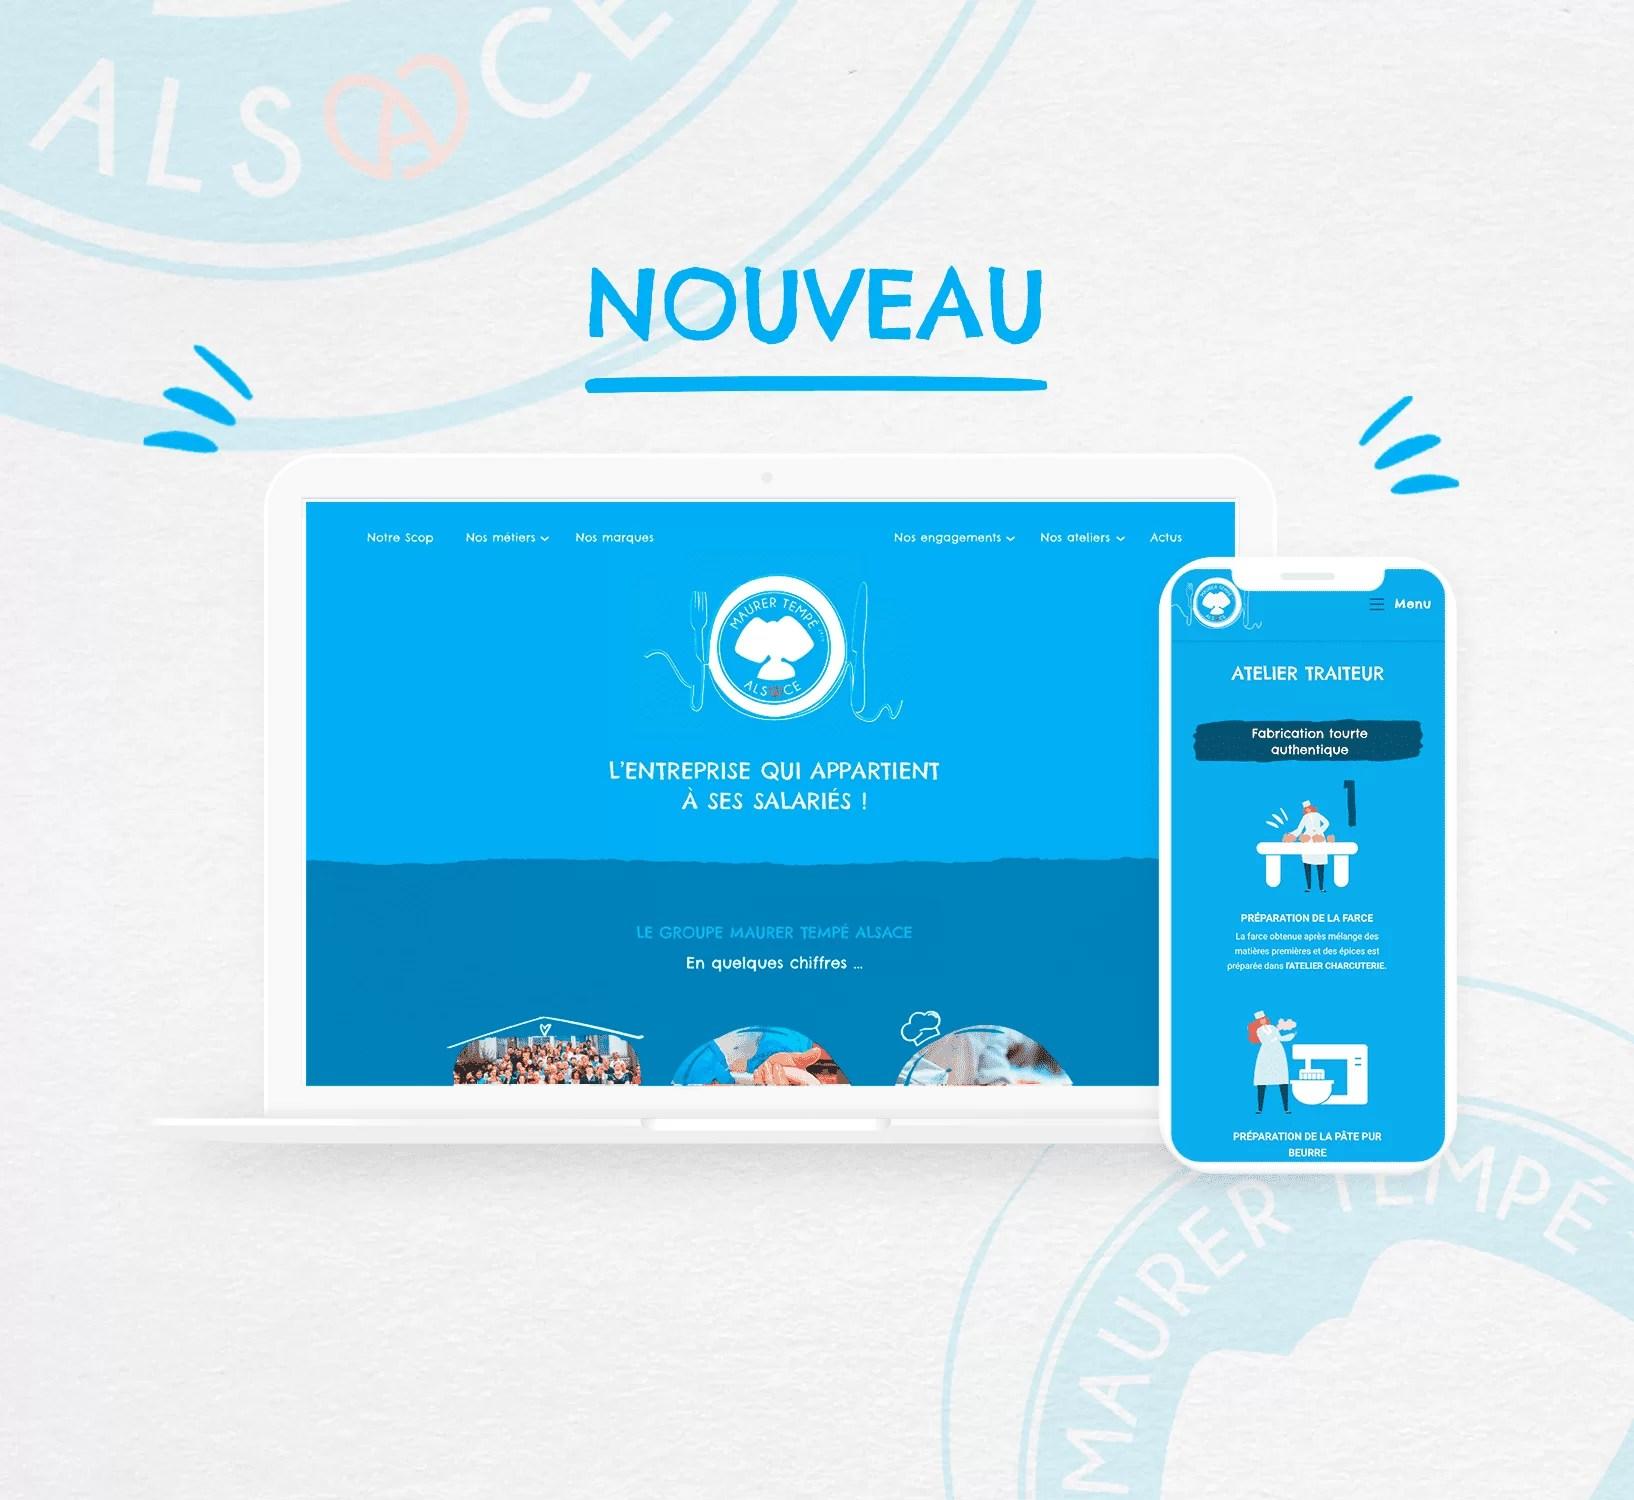 Maurer Tempé Alsace dévoile son tout nouveau site internet!